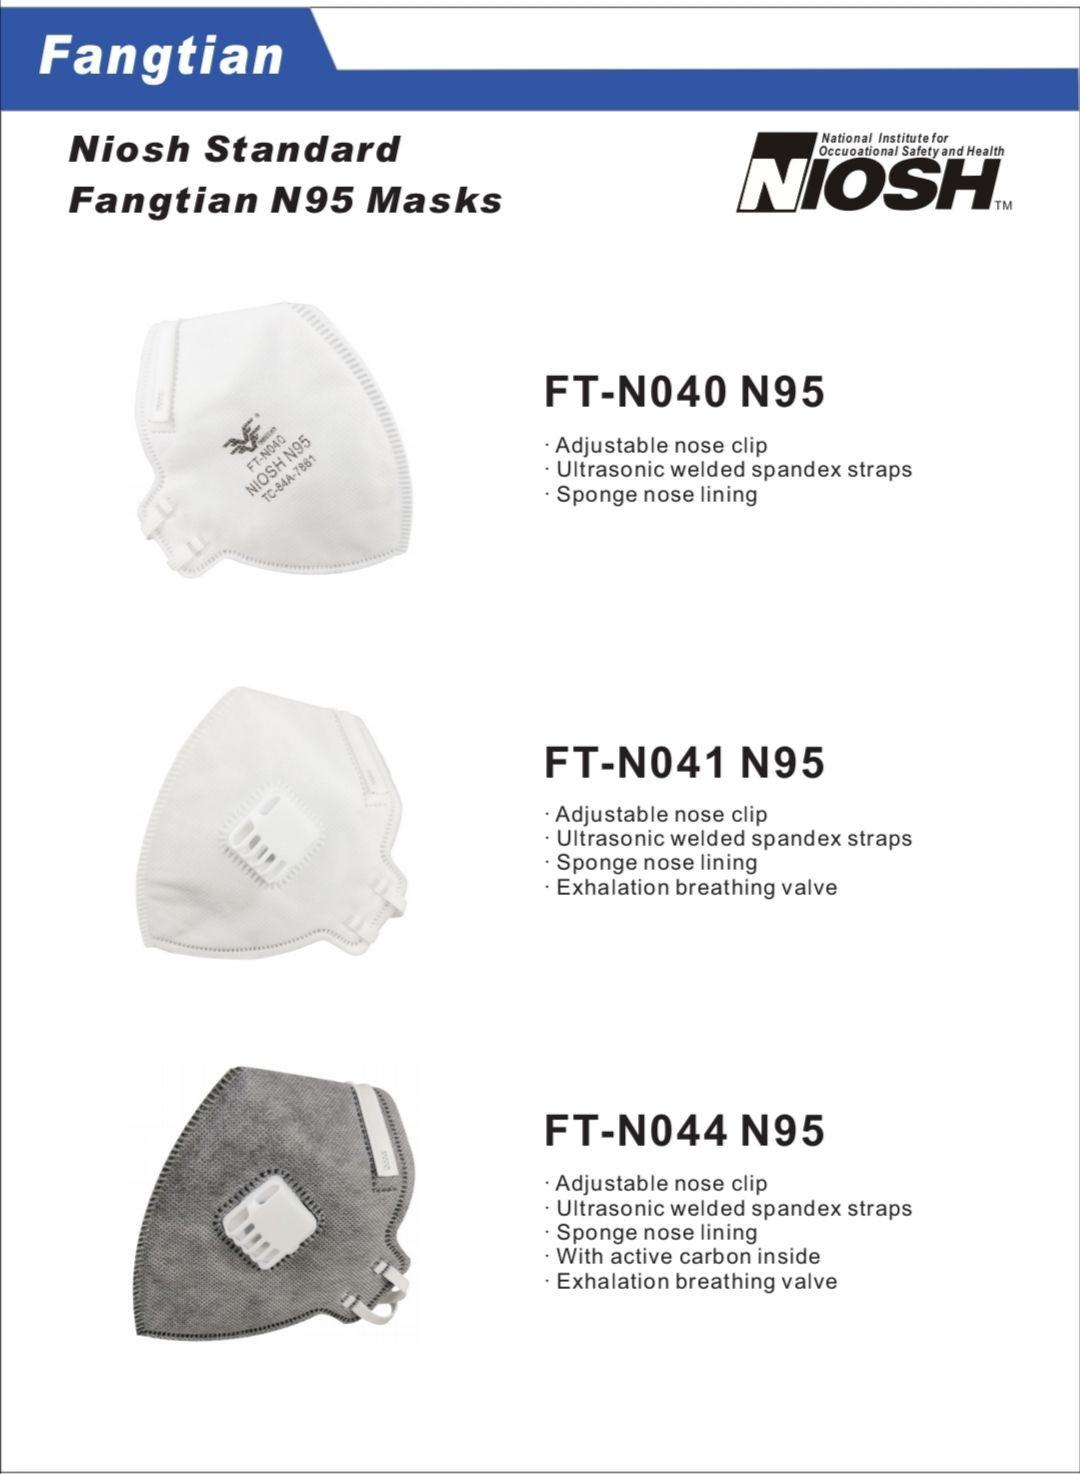 FT-N040/41/42 N95